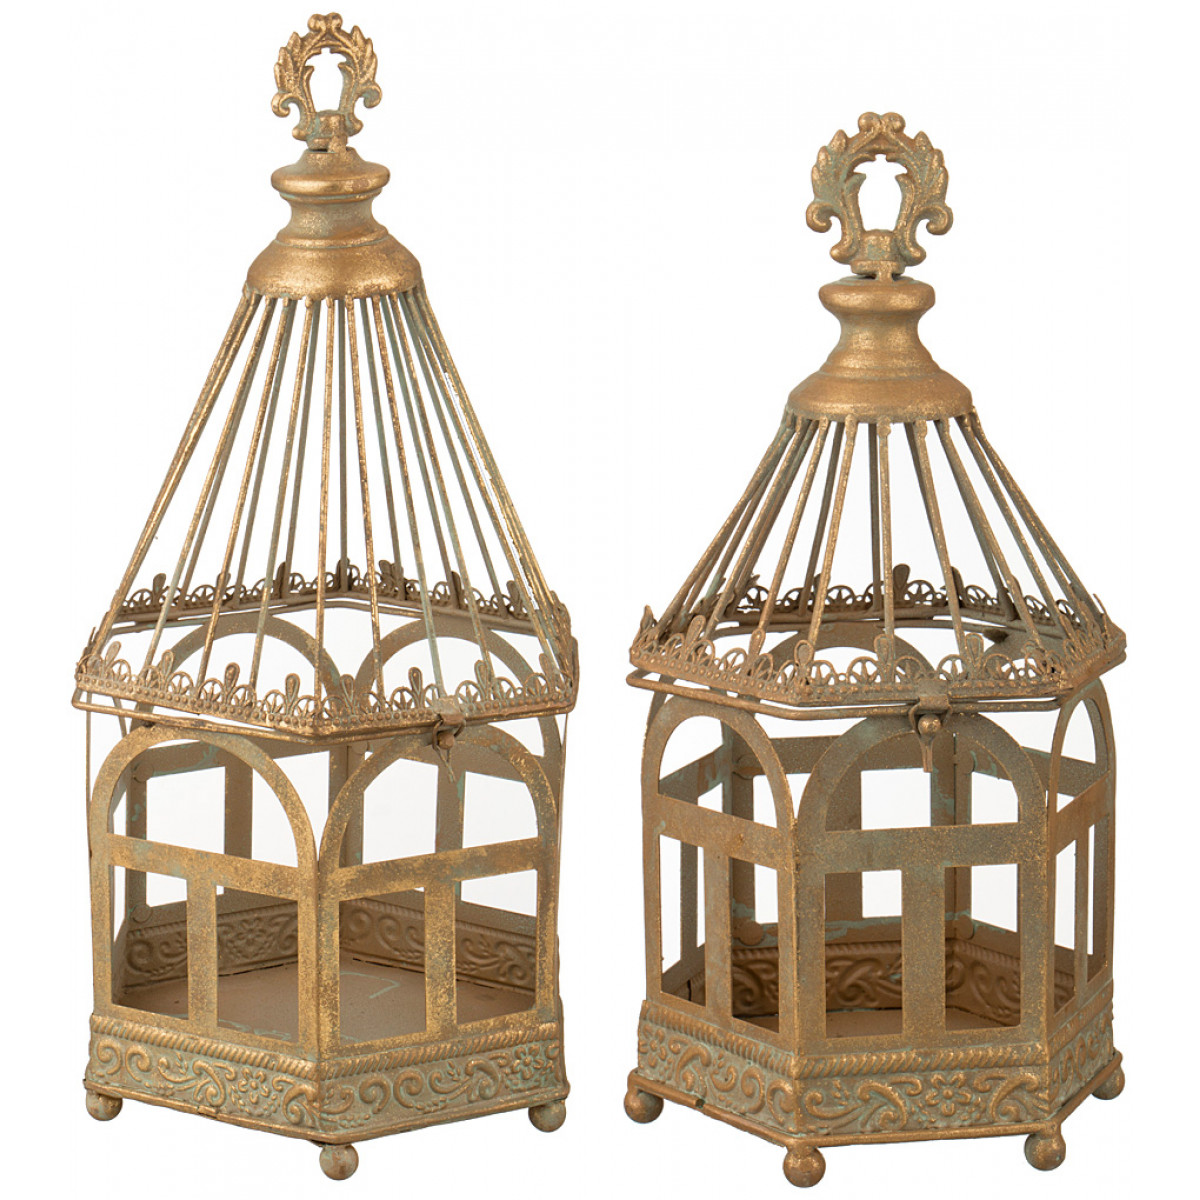 Декоративные свечи Arti-M Свеча-подсвечник Borromeo (22х25х51 см) arti m свеча подсвечник puilisso 15 см